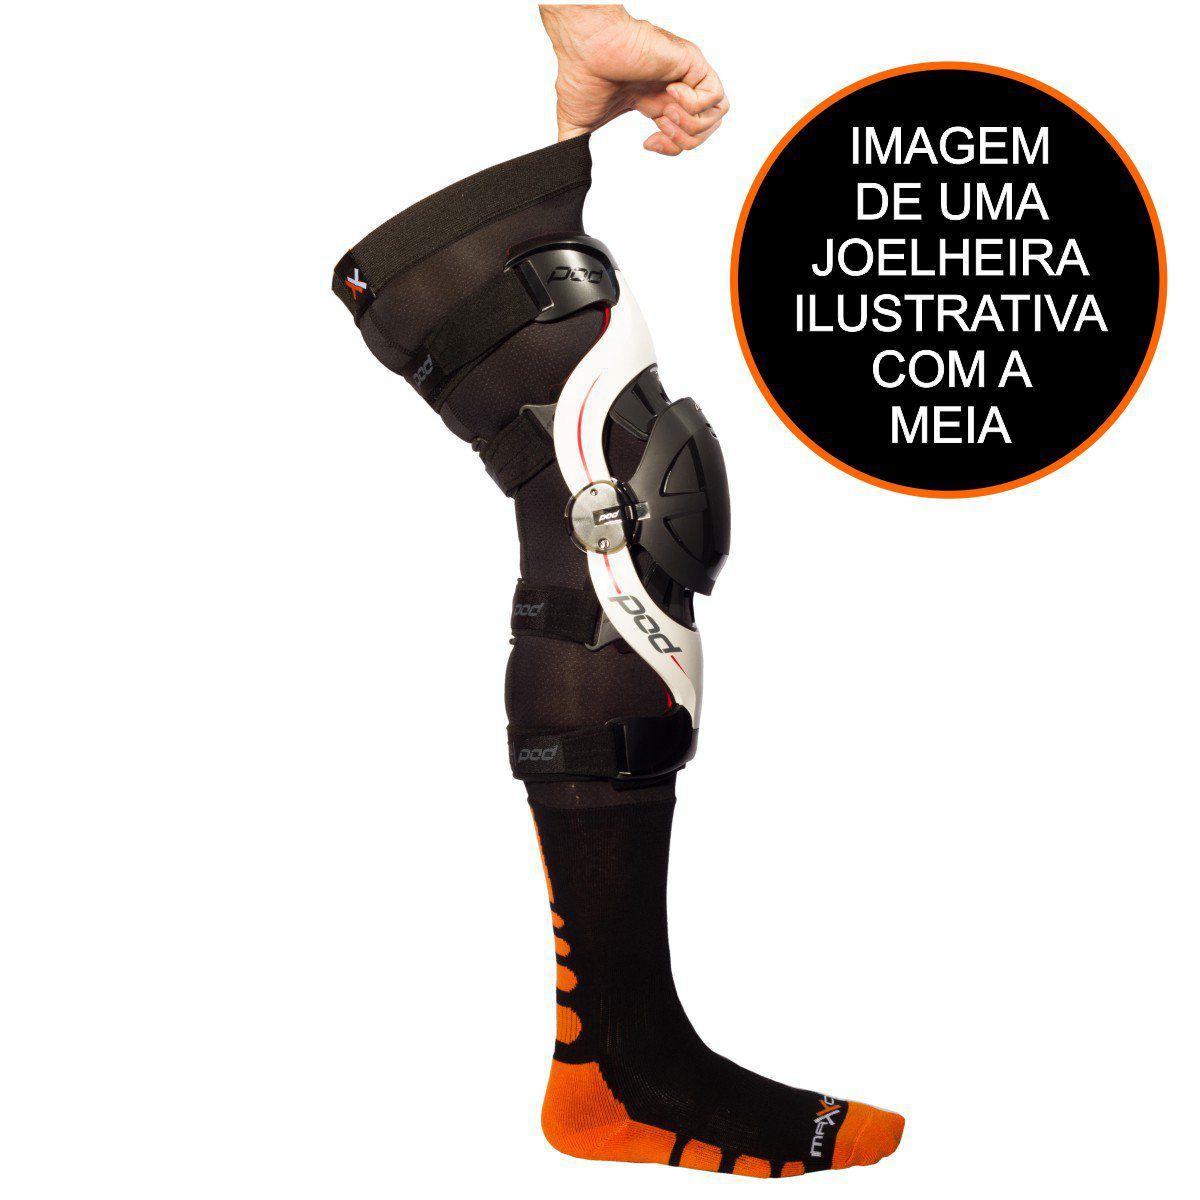 JOELHEIRA MATTOS RACING MX + MEIA BRACE PRO PRETO/LARANJA